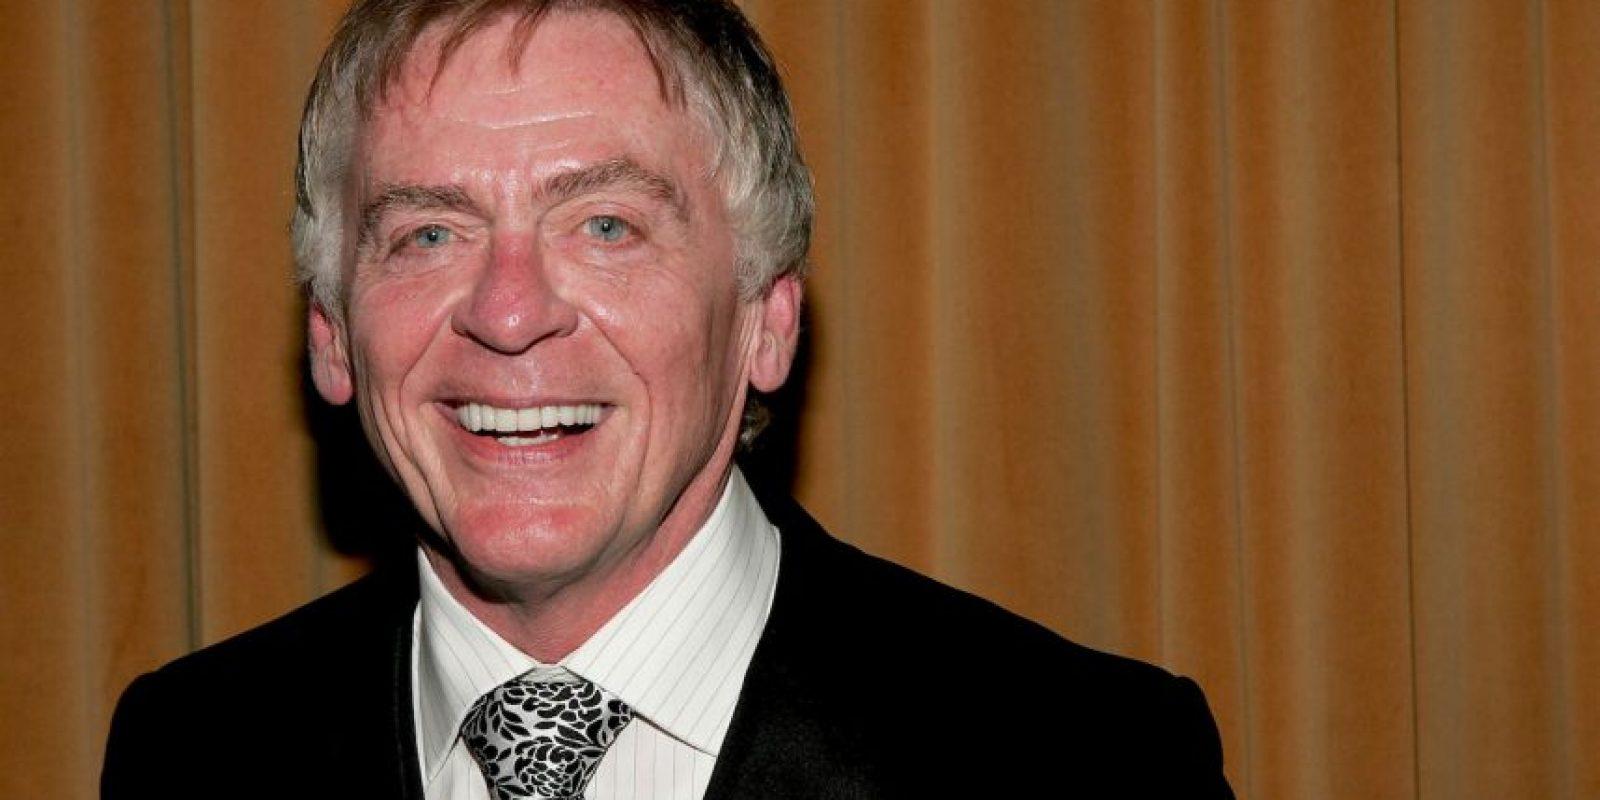 Niles era el mayordomo de la casa, interpretado por el actor Daniel Davis. Foto:Getty Images